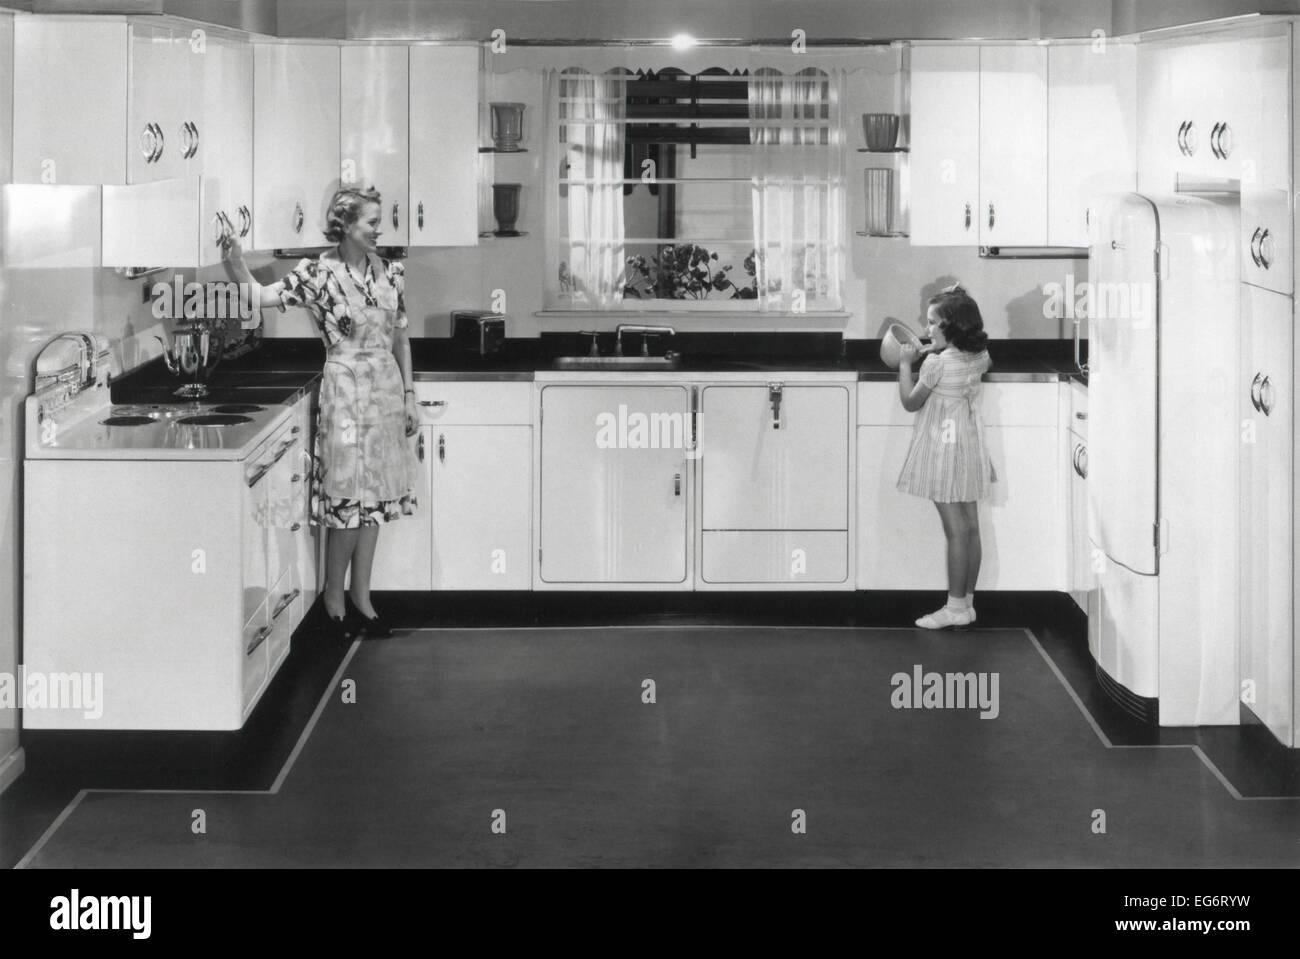 Miniküche Mit Geschirrspüler Ohne Kühlschrank : Küche mit geschirrspüler und kühlschrank küche mit